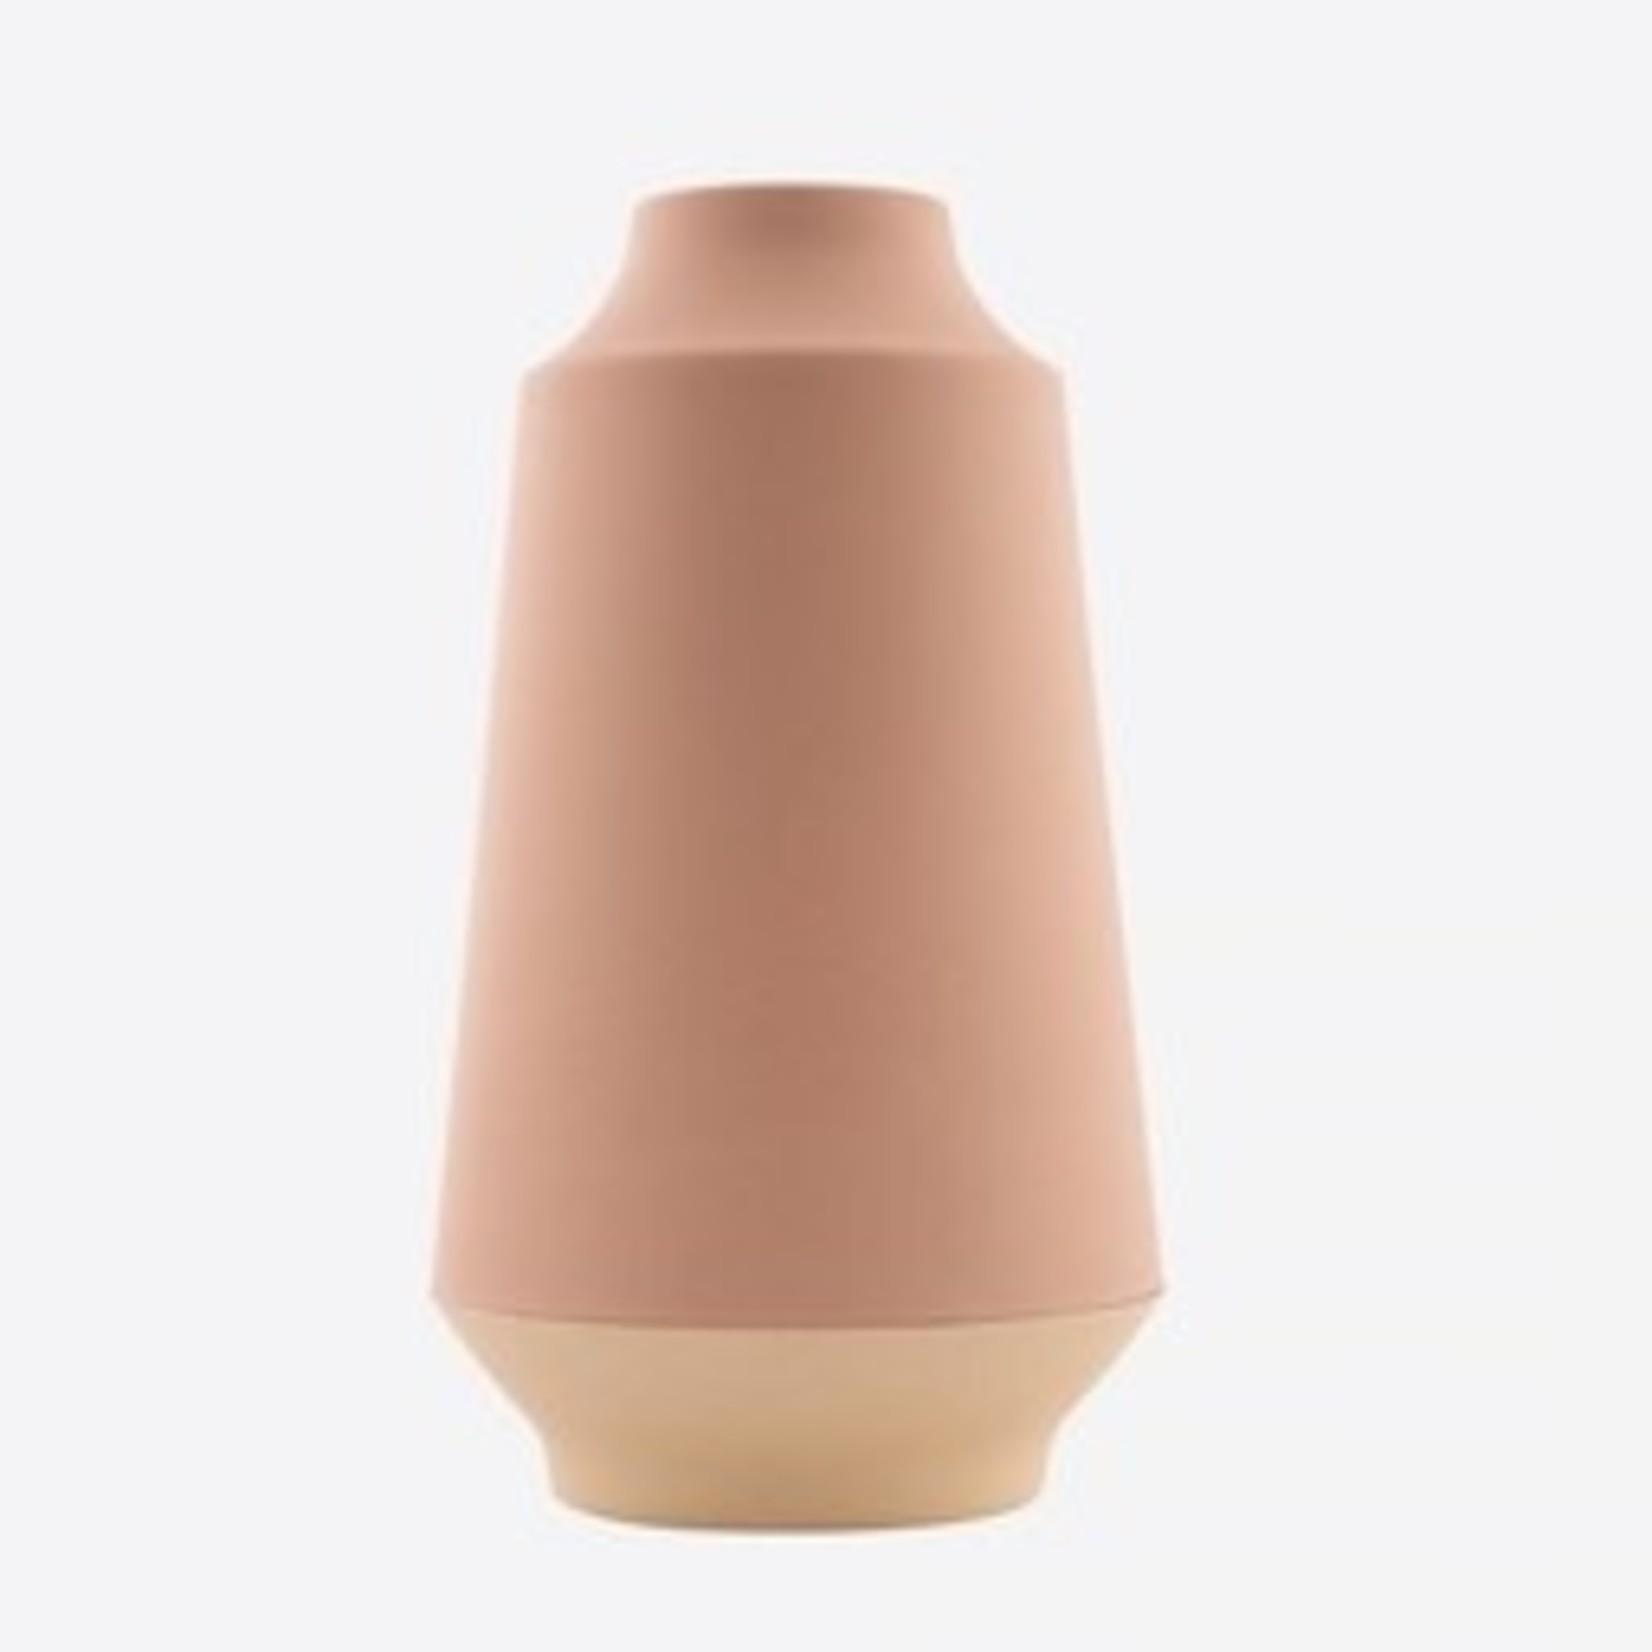 Vaas uit bamboevezel  26cm - 2 kleuren - Point Virgule